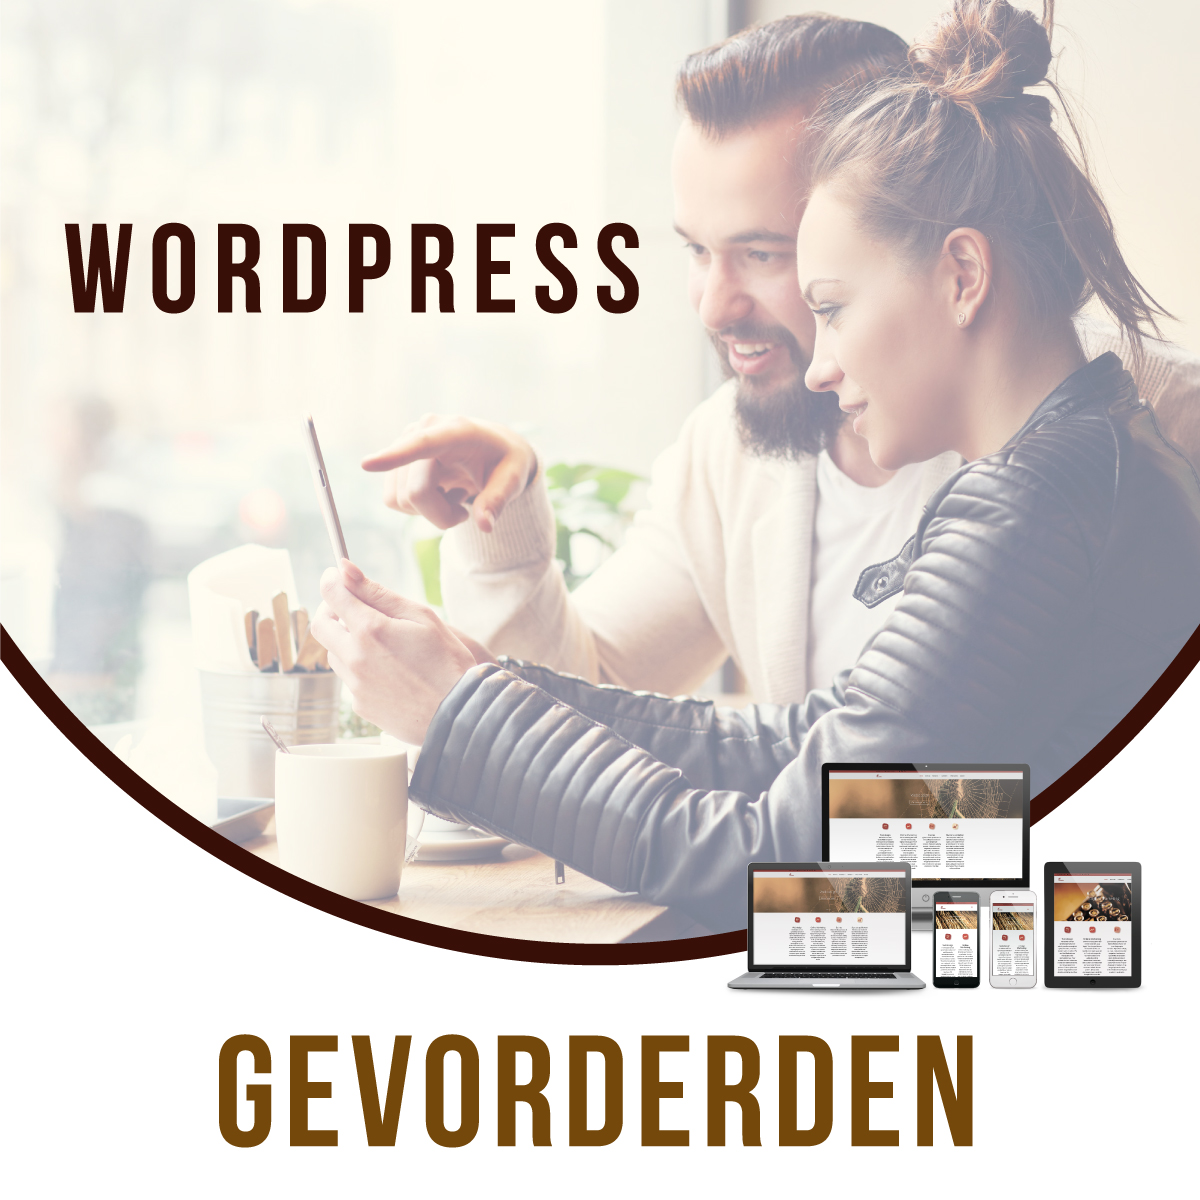 Cursus Wordpress voor gevorderden in Apeldoorn